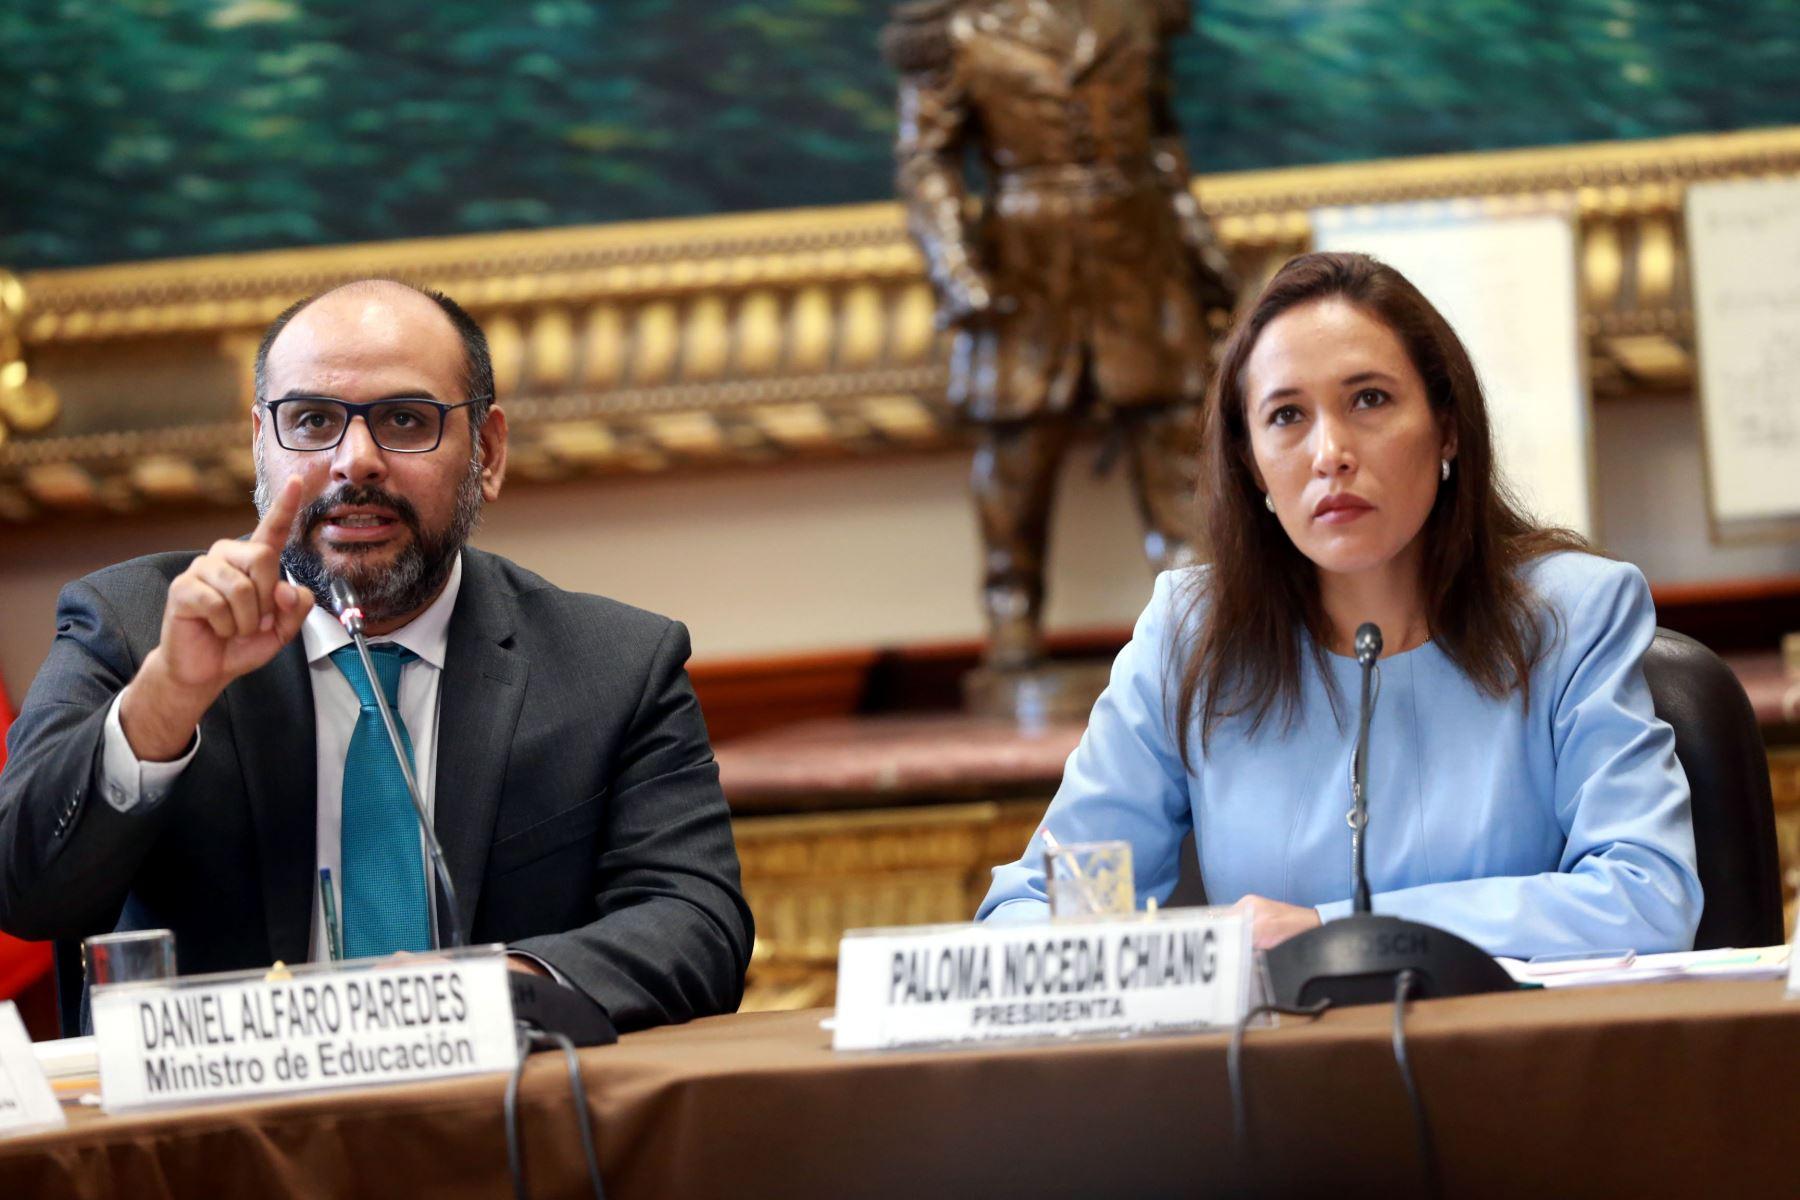 Ministro de Educación, Daniel Alfaro, en el Congreso de la República. Foto: ANDINA/Norman Córdova